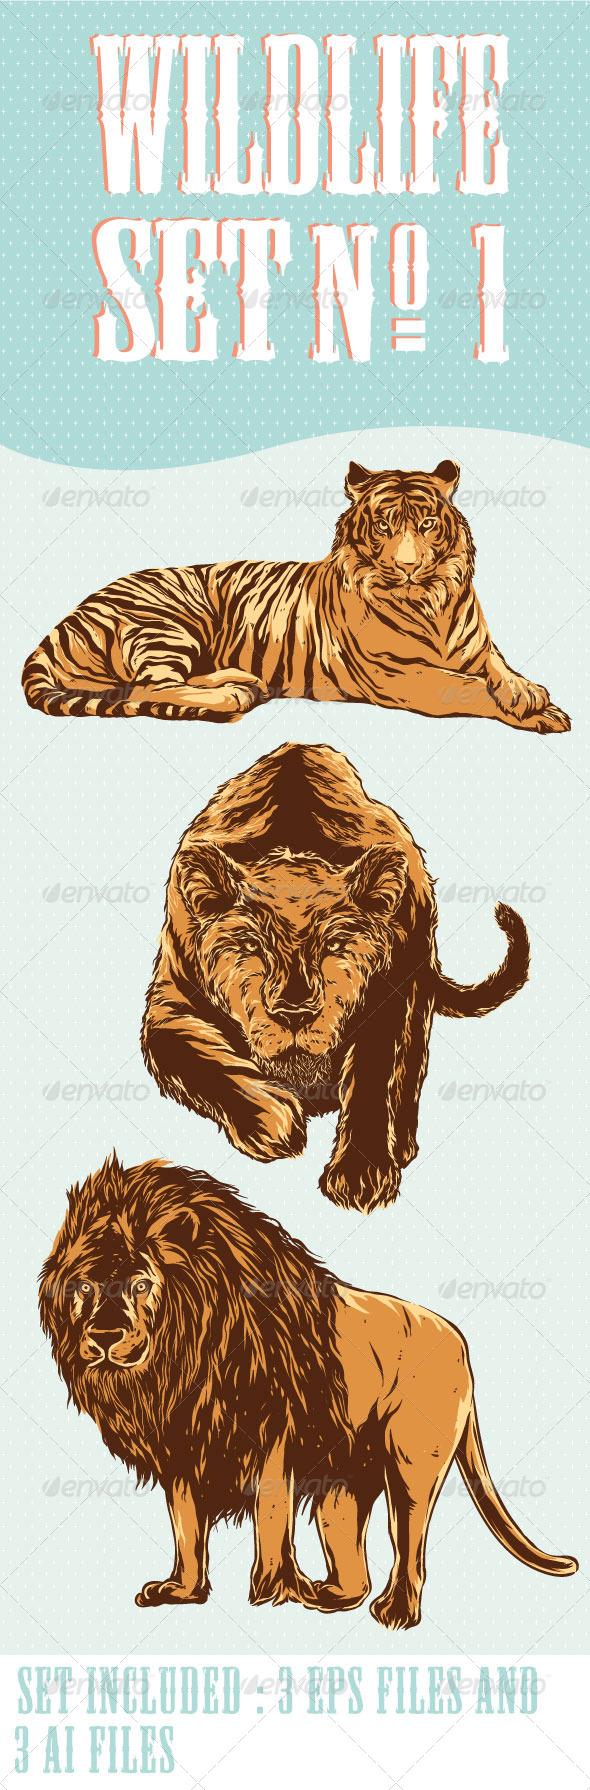 GraphicRiver Wildlife Set No.1 6686572